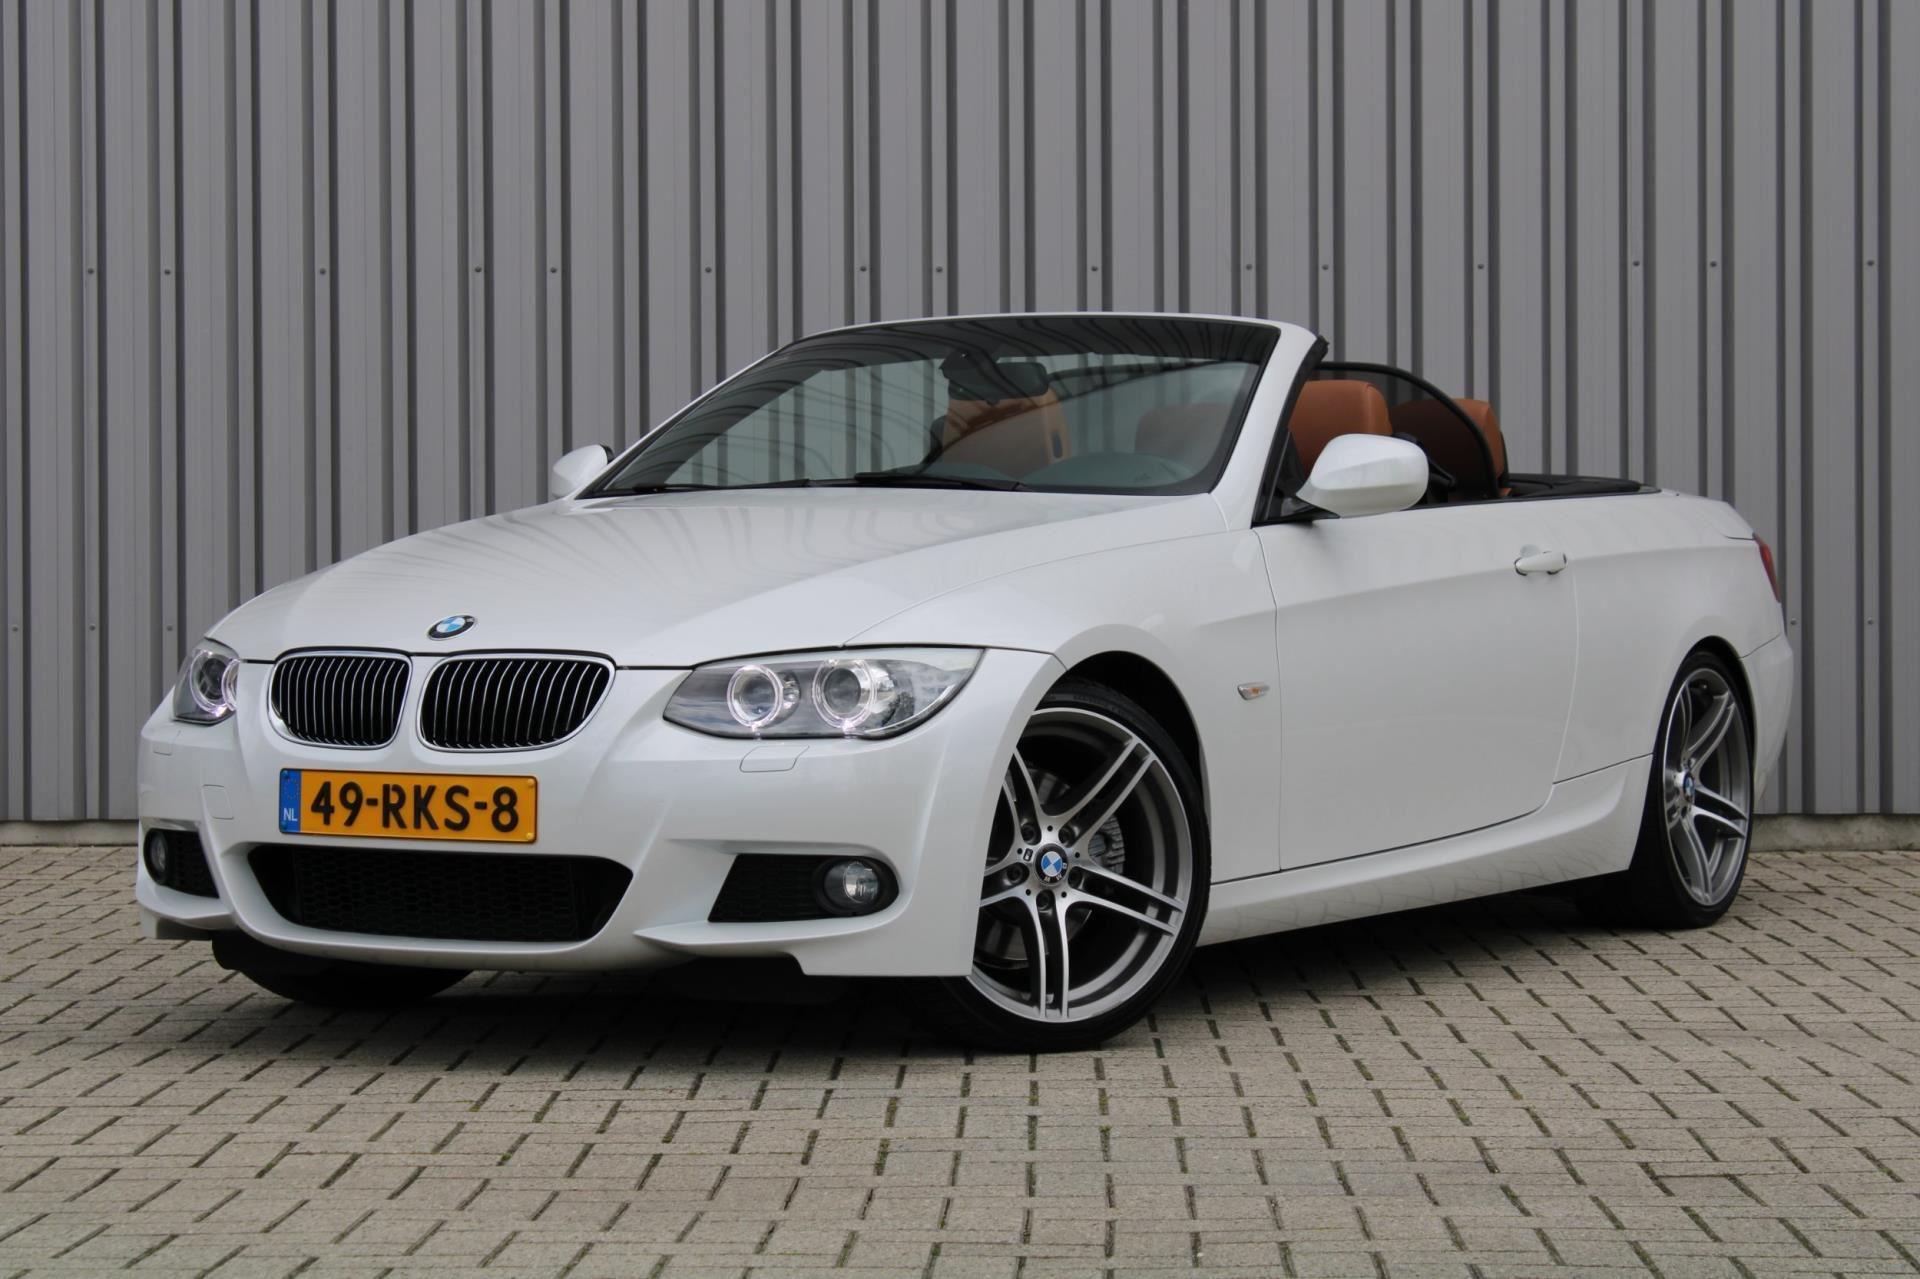 BMW 3-serie Cabrio occasion - Autobedrijf Van De Klundert